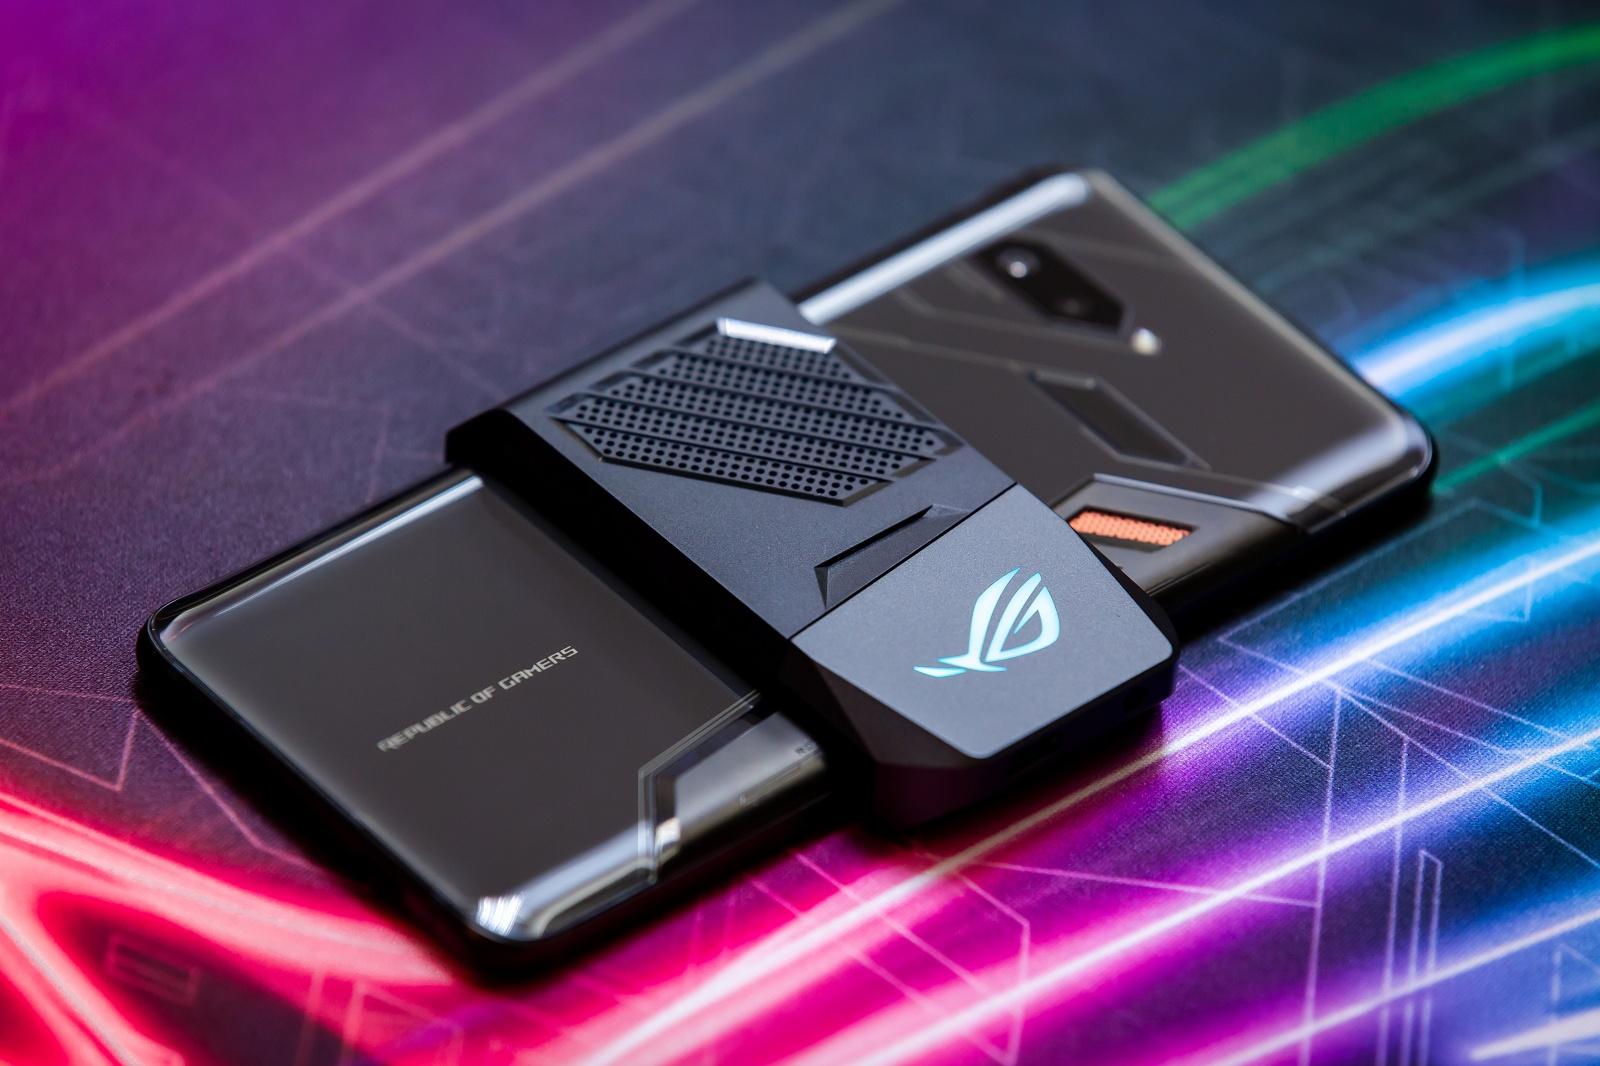 Первый взгляд на геймерский смартфон ASUS ROG Phone - 13